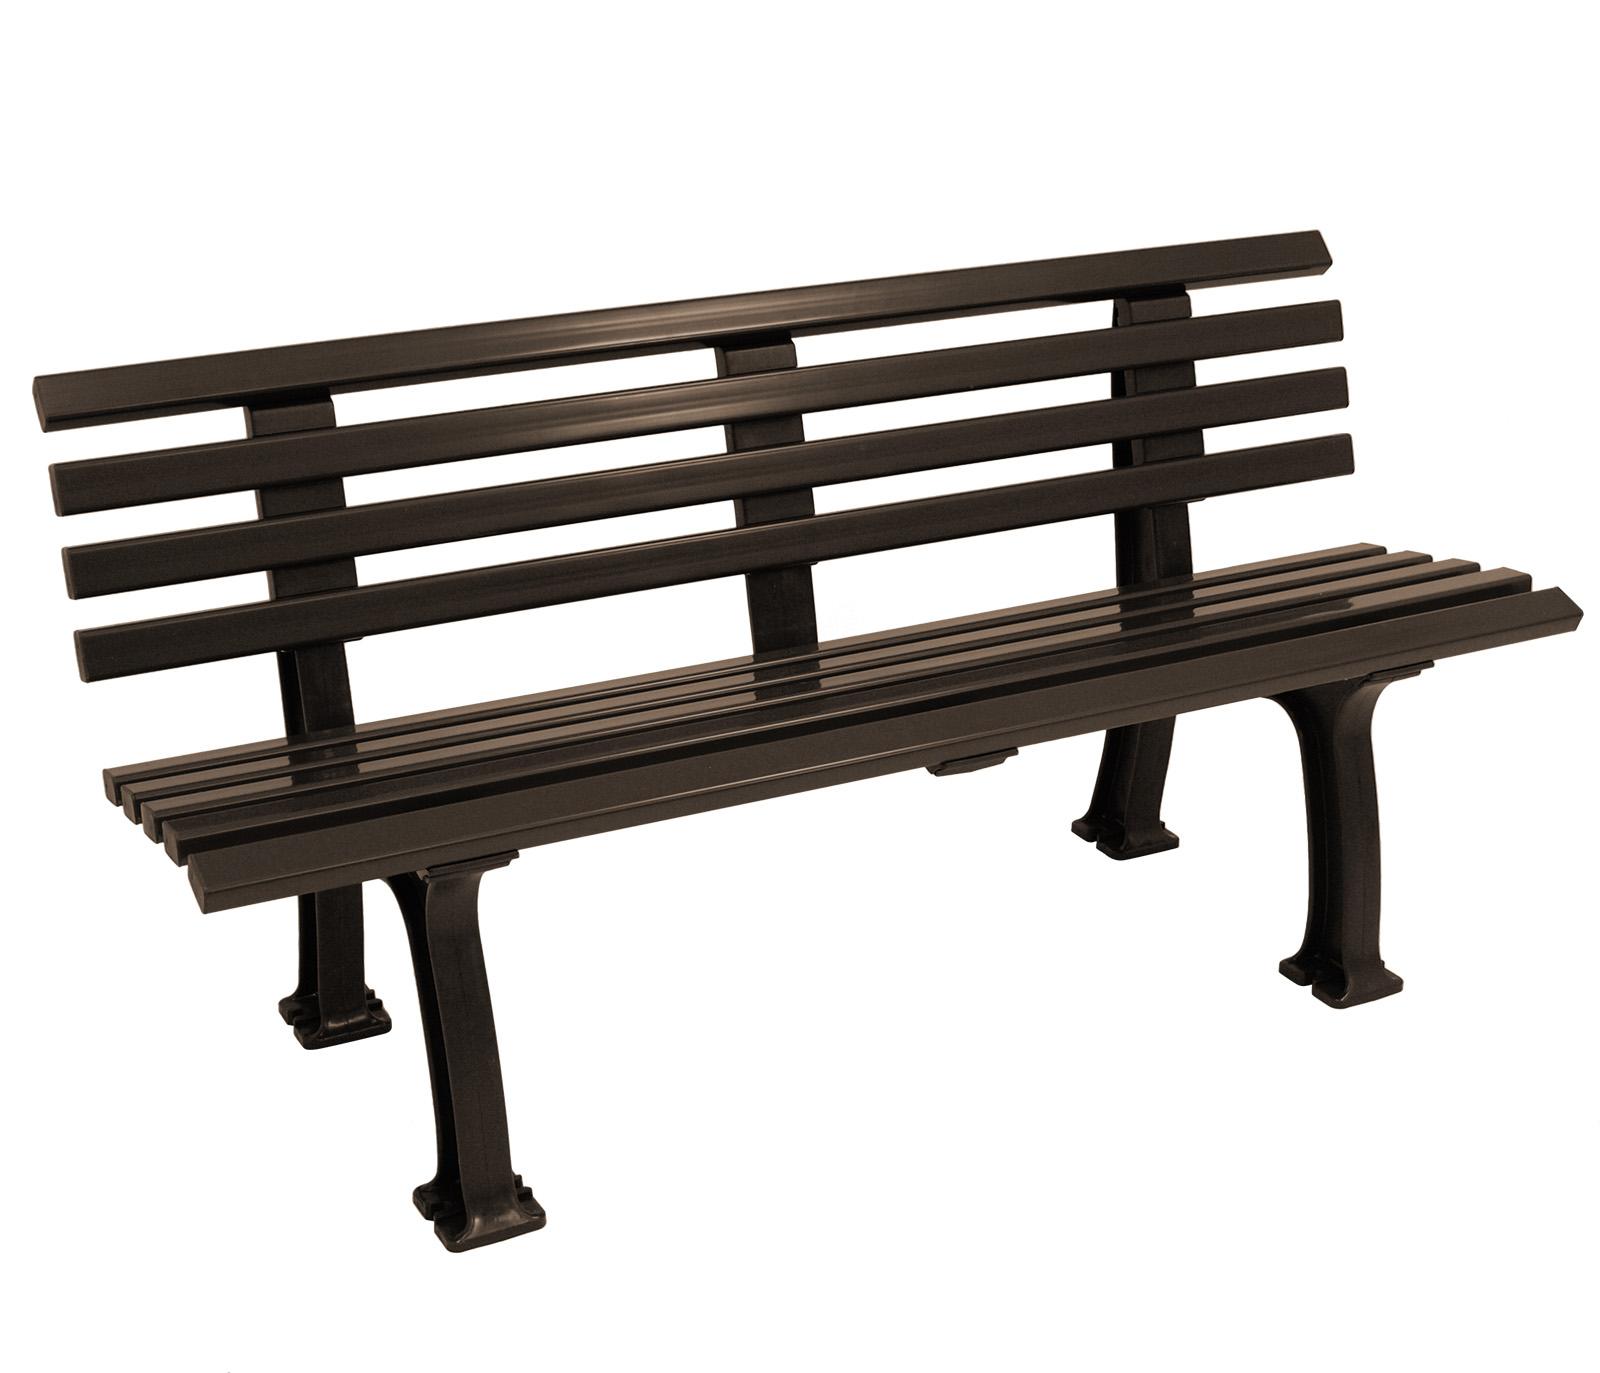 parkbank kunststoffbank sylt 3 sitzer 150cm kunststoff dunkelbraun wetterfest ebay. Black Bedroom Furniture Sets. Home Design Ideas